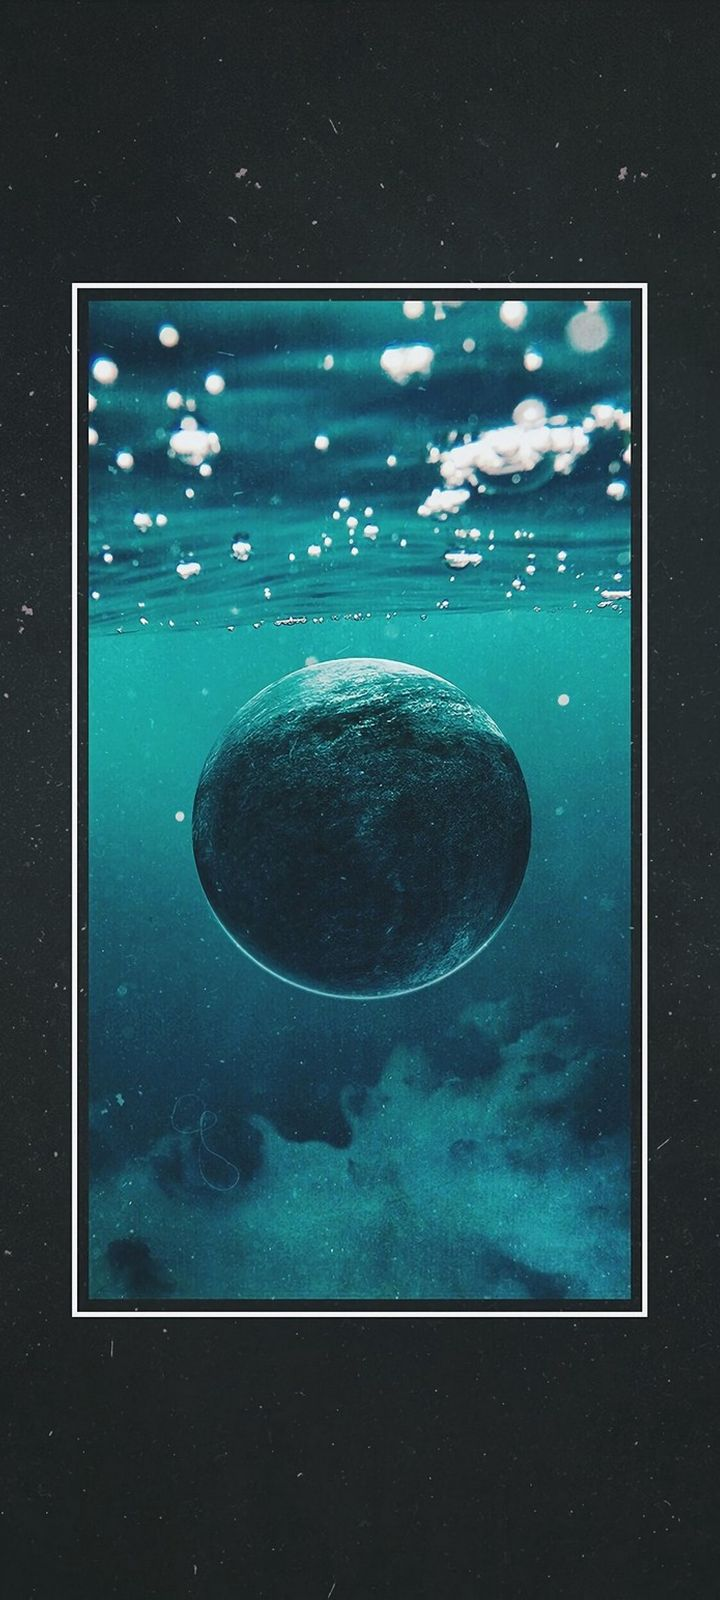 Ball Planet Under Water Wallpaper 720x1600